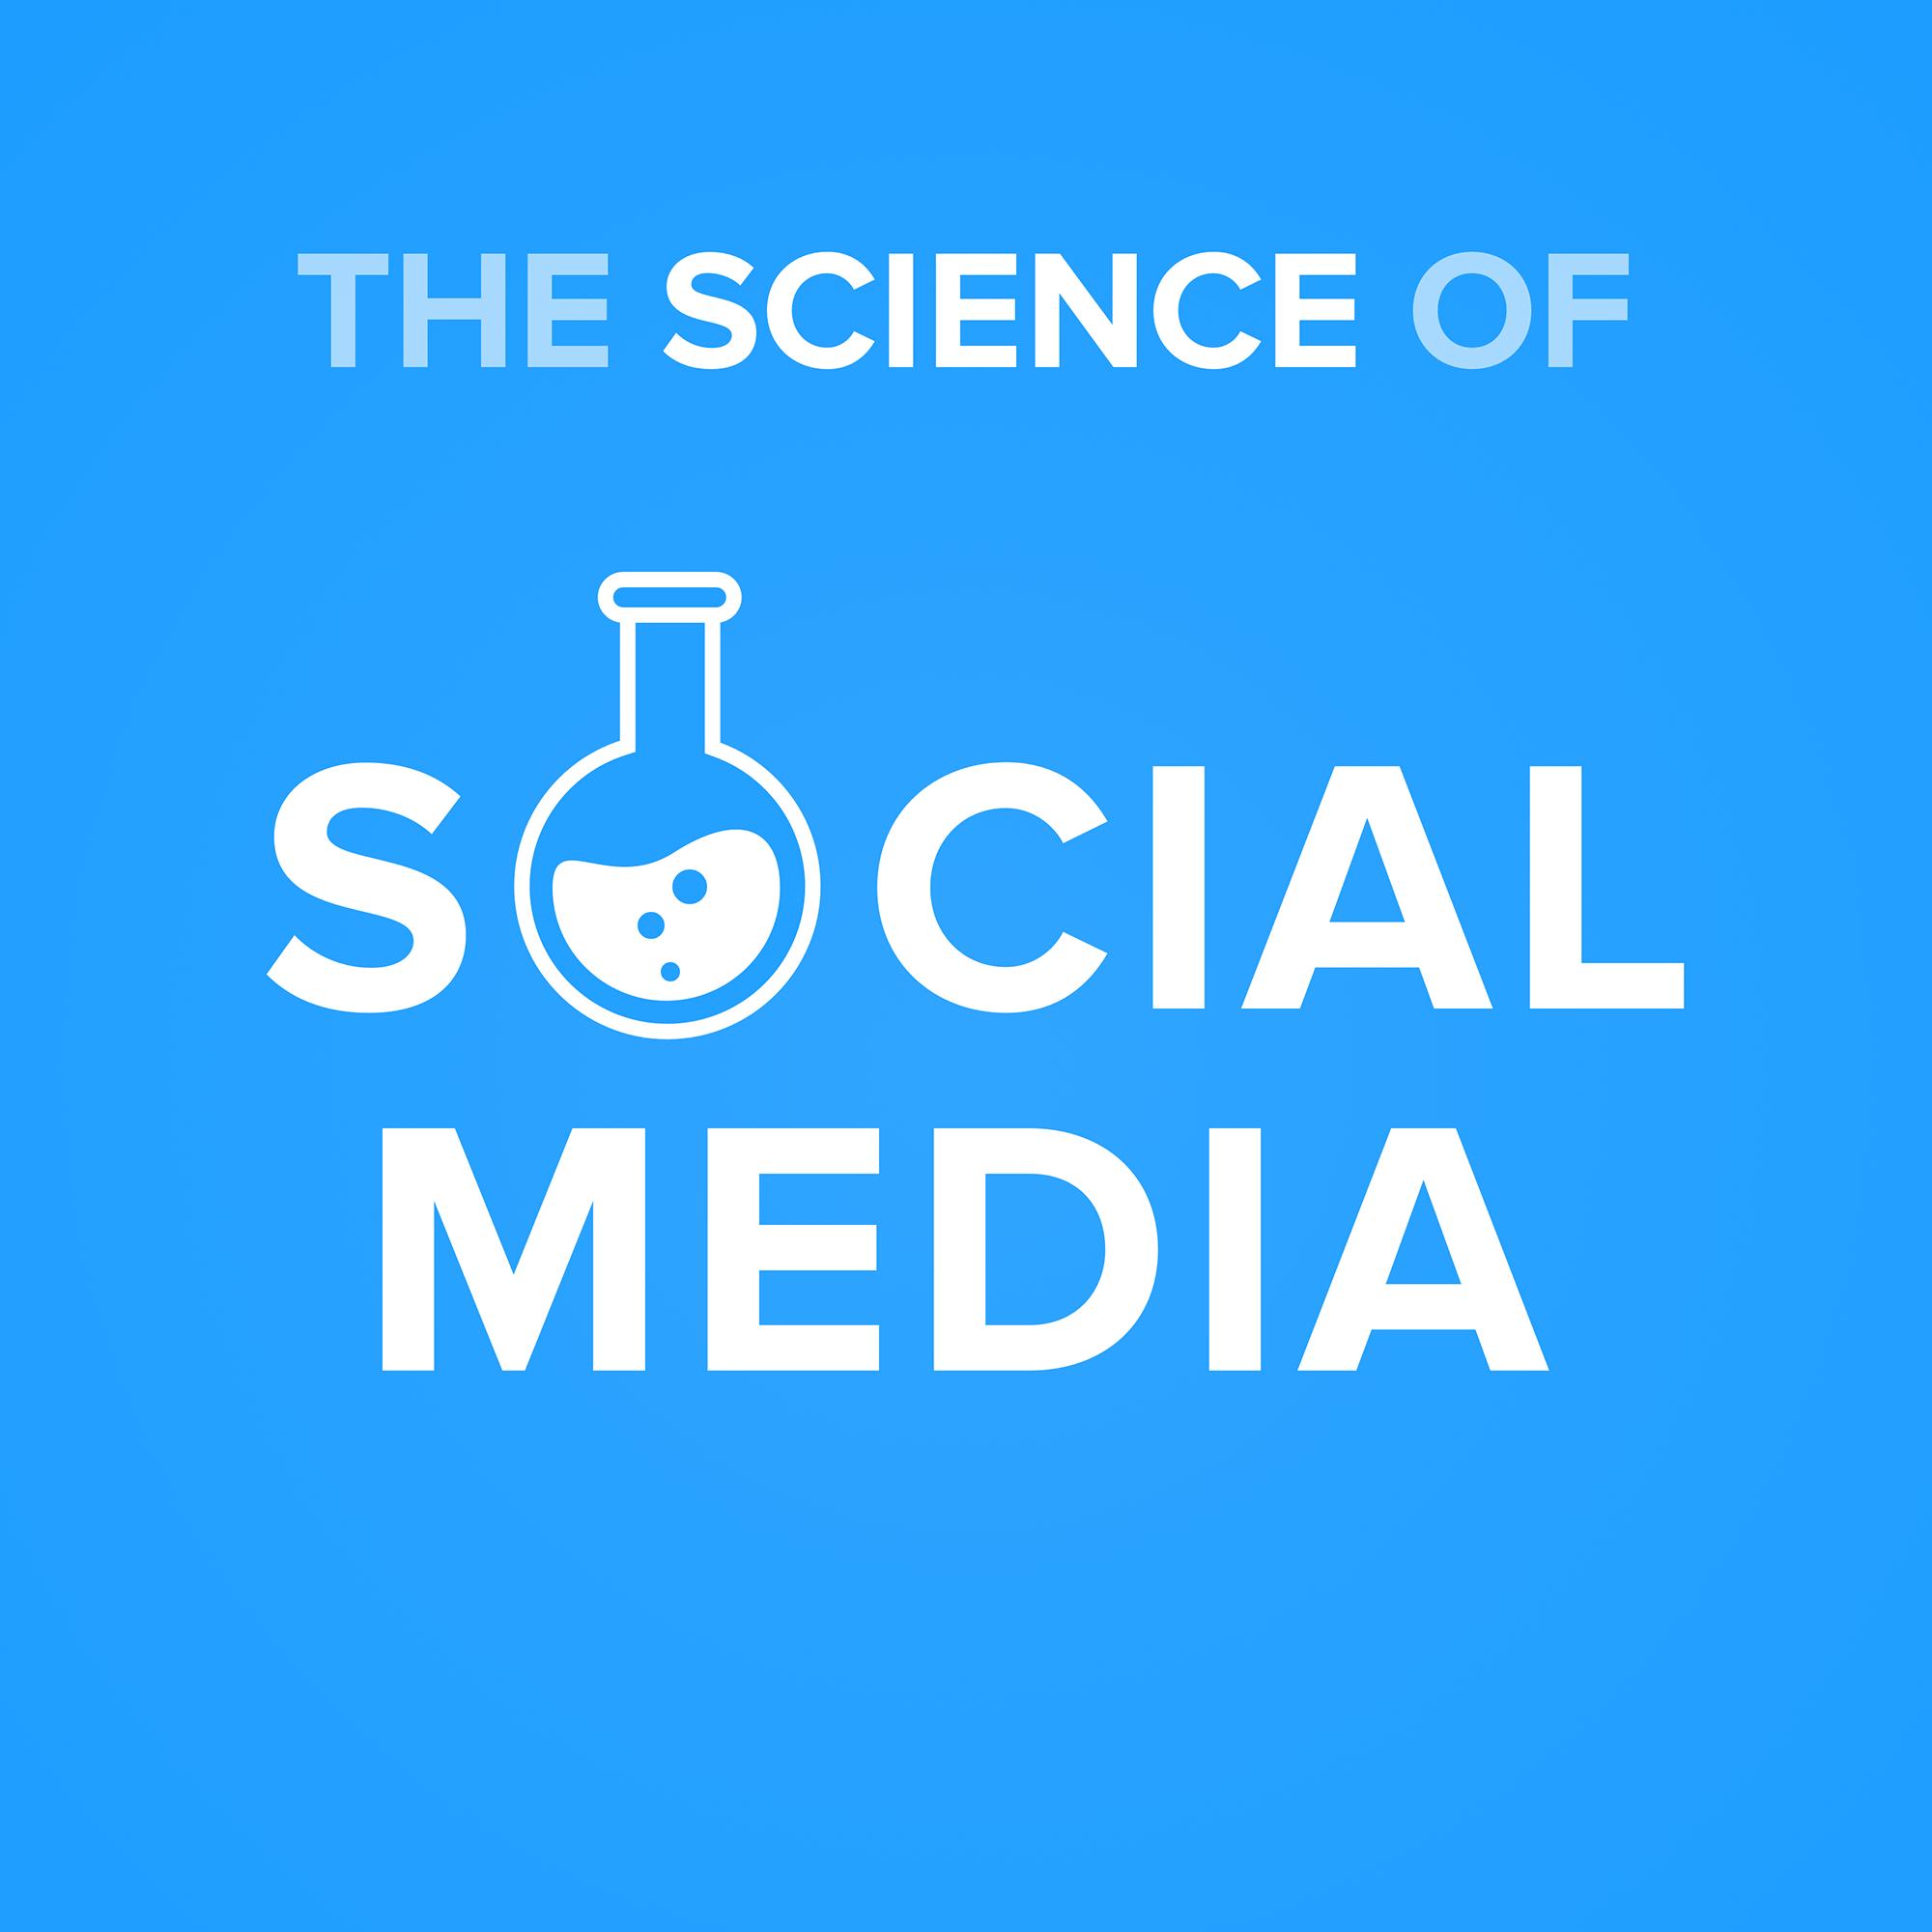 science-of-social-media-logo